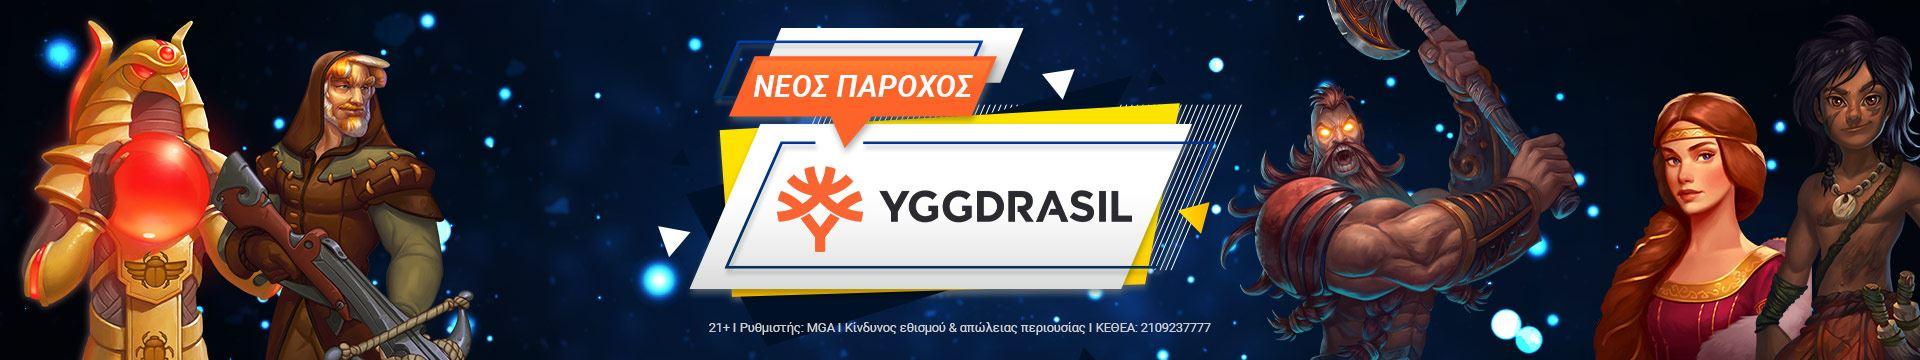 ΝΕΟΣ ΠΑΡΟΧΟΣ: YGGDRASIL